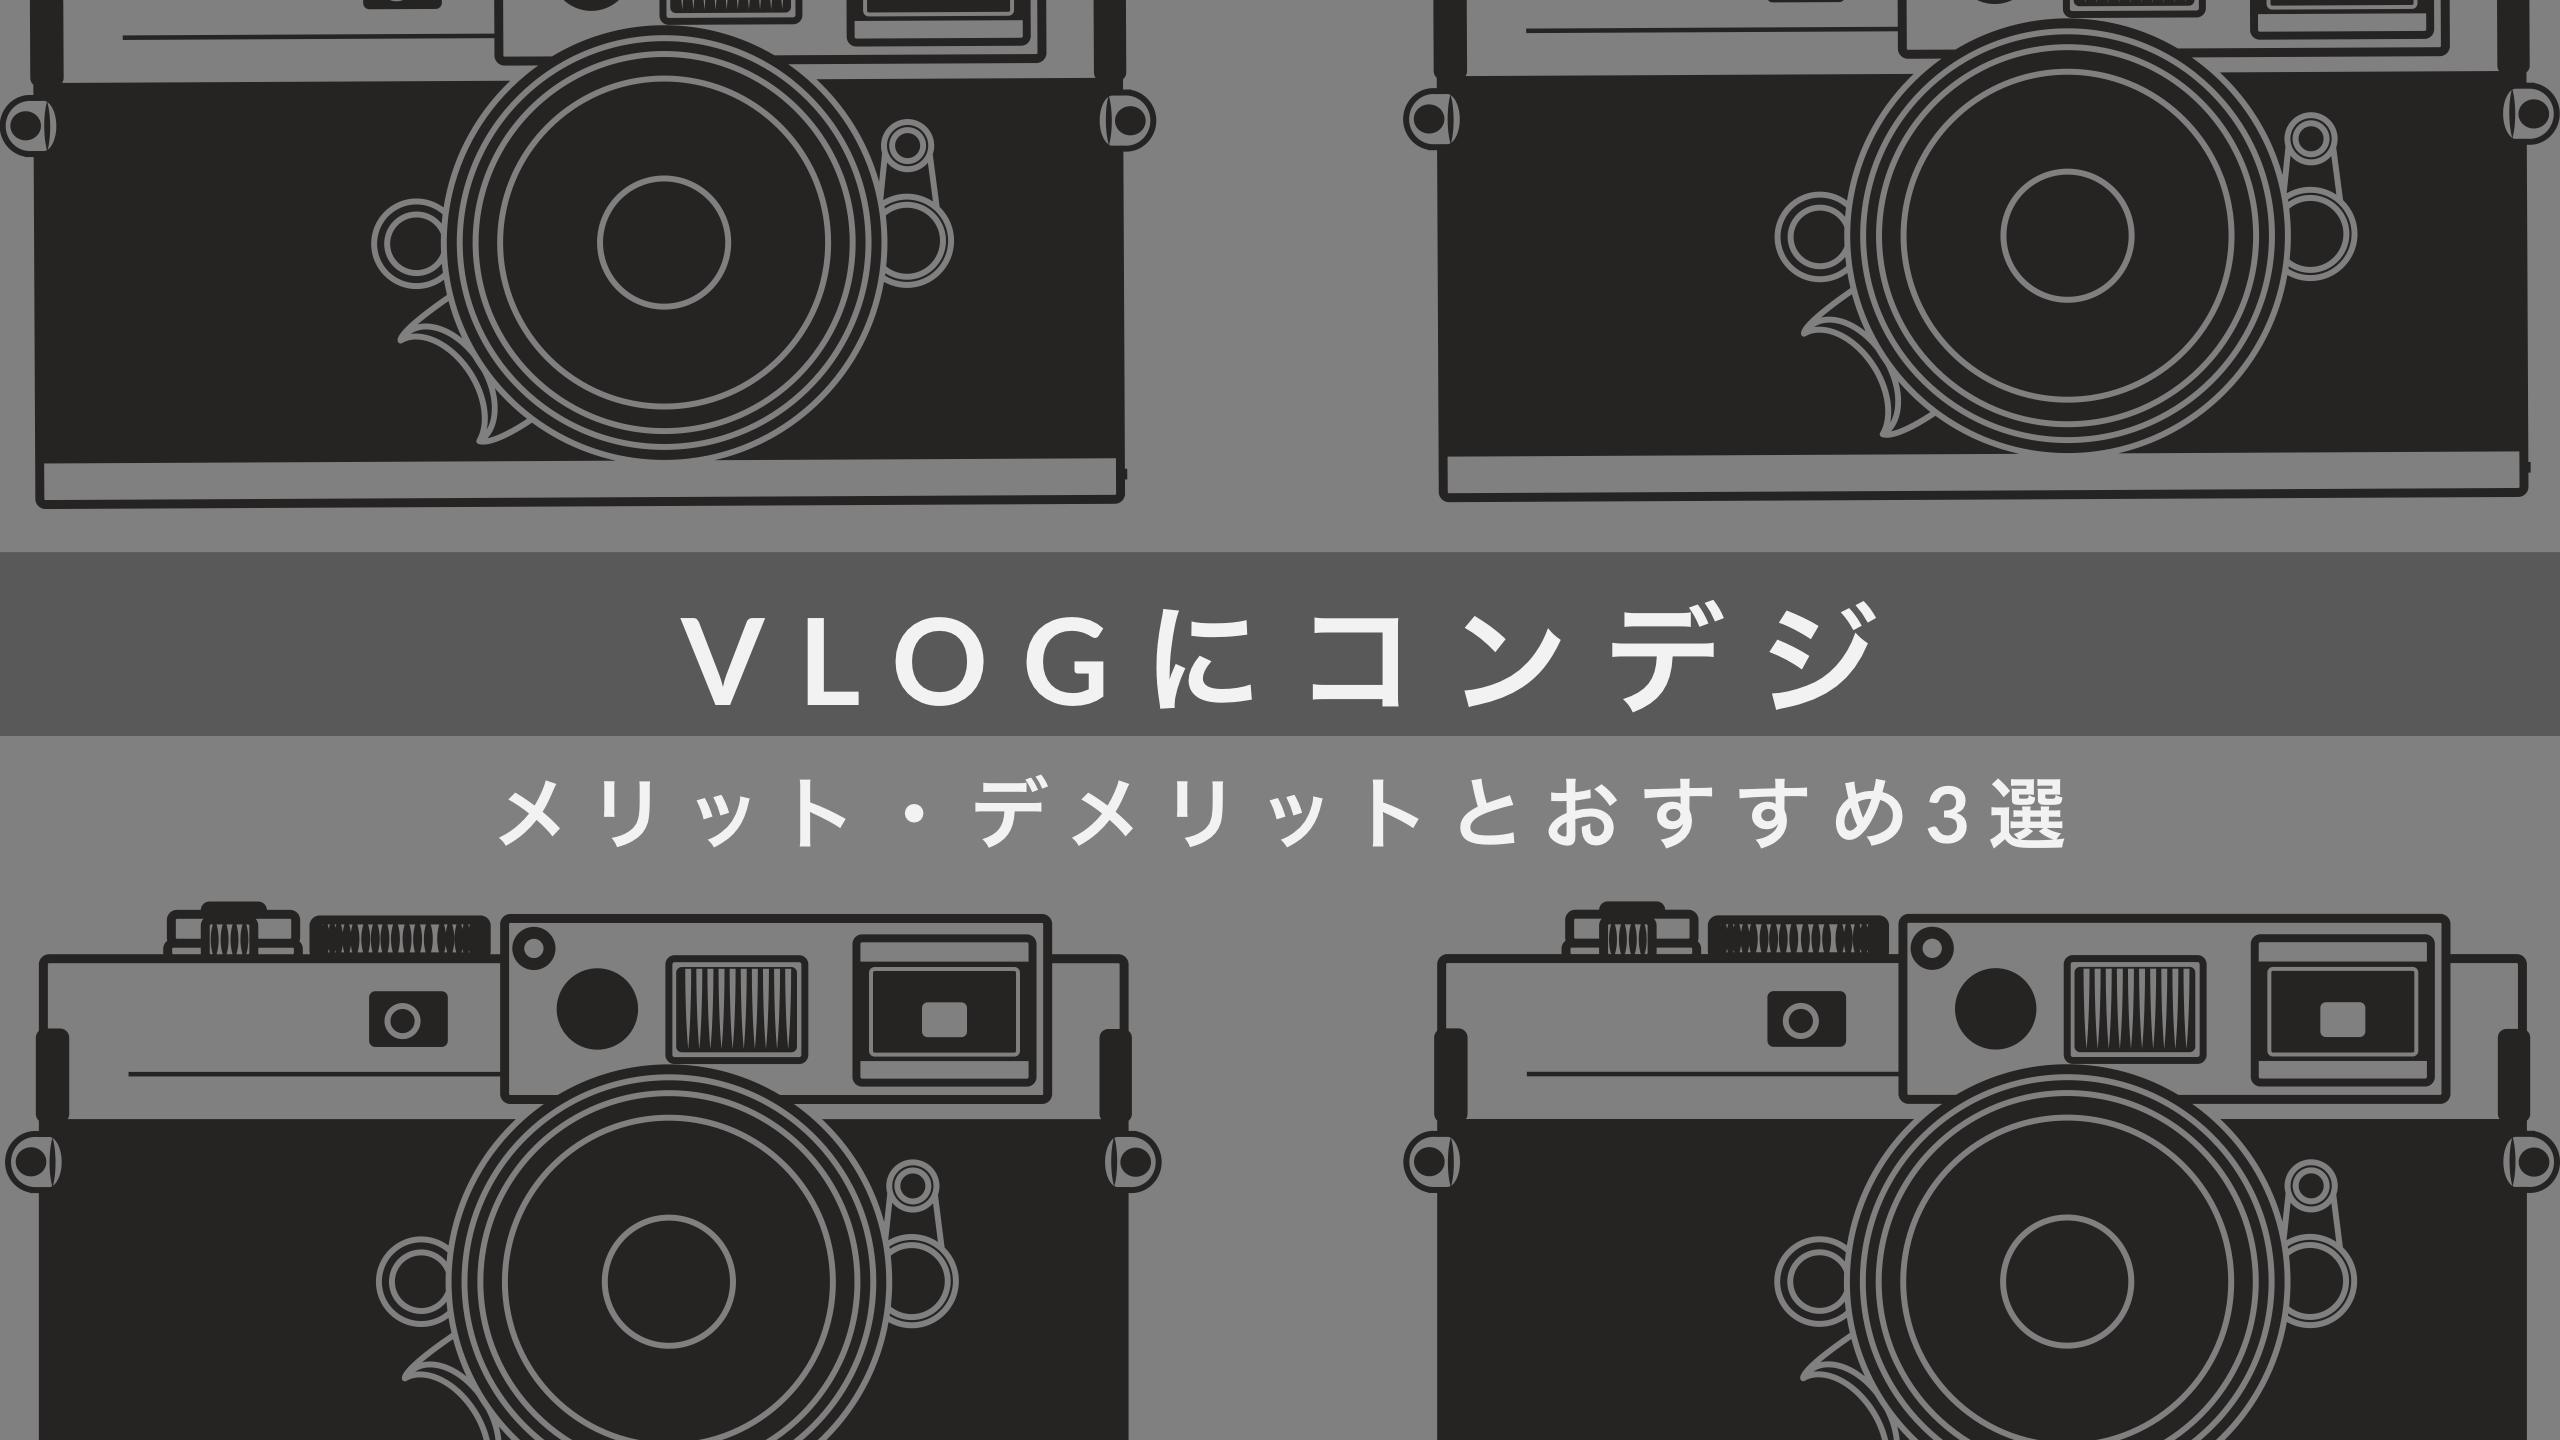 【2020年】Vlogのカメラにコンデジを選ぶメリット・デメリット!おすすめコンデジ3選と選び方